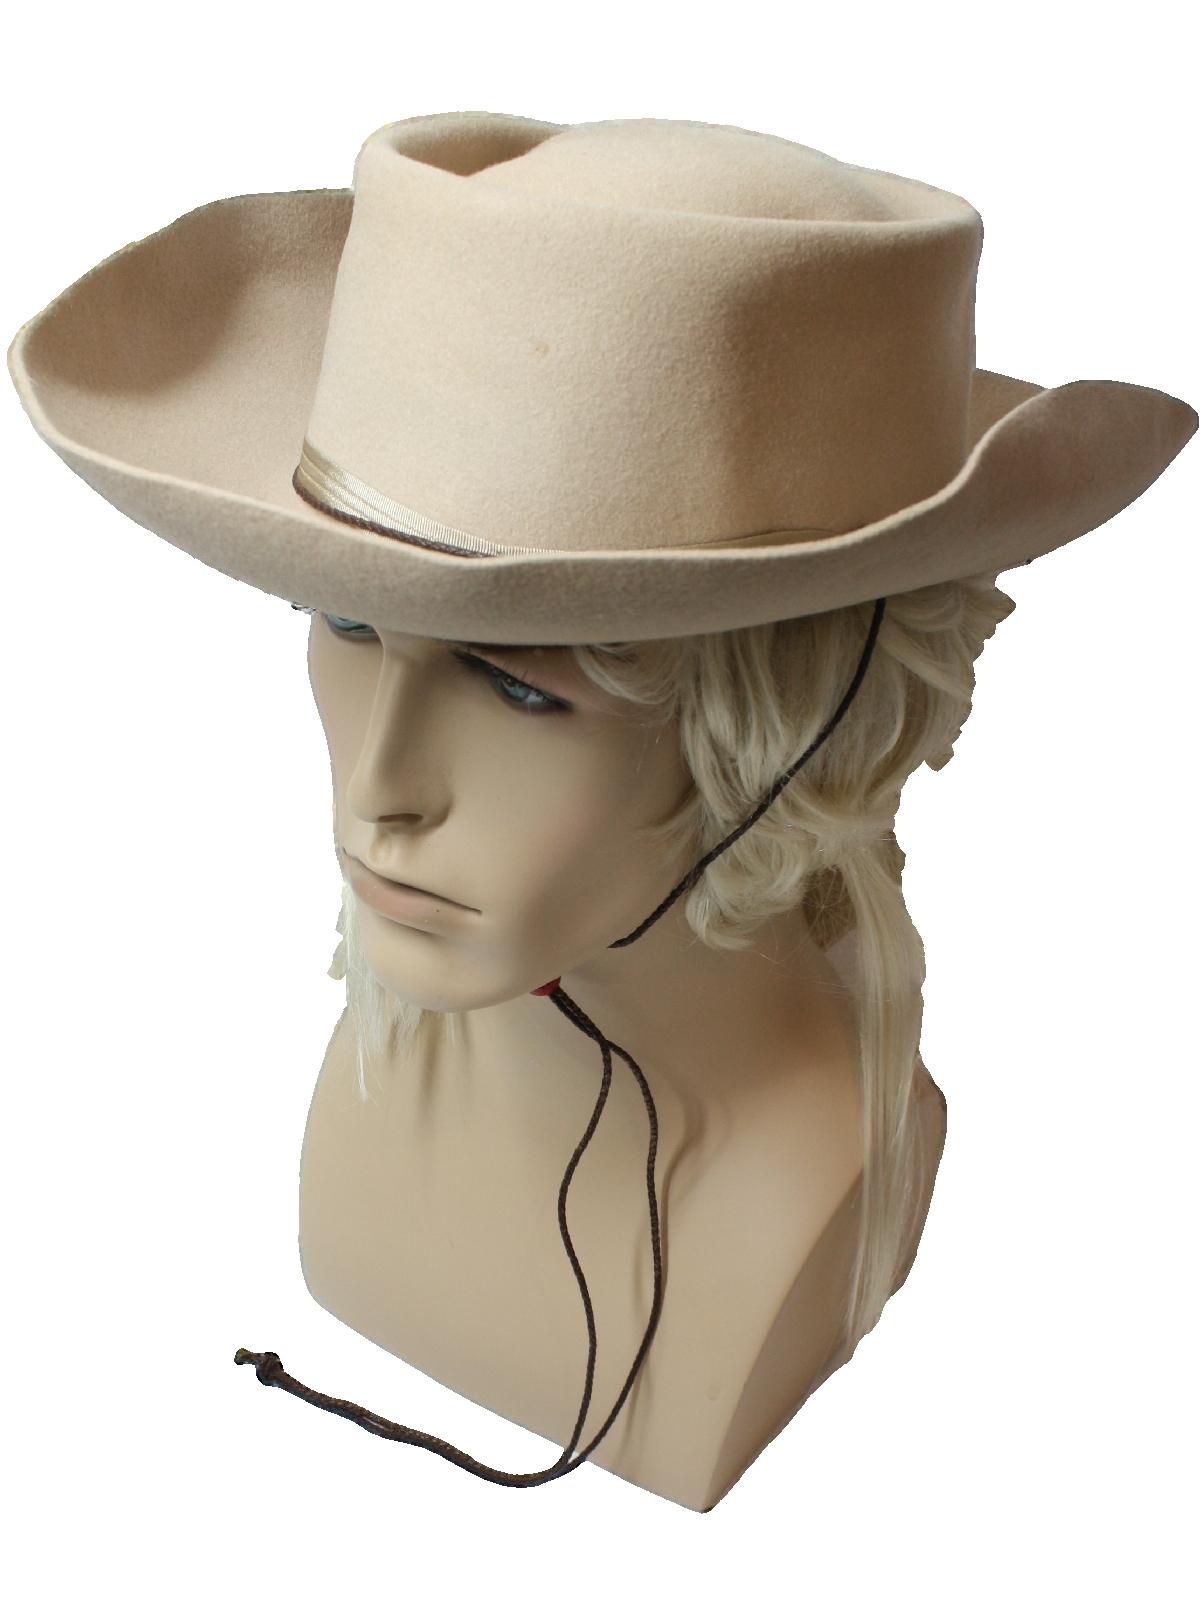 1960 s Vintage Morfelt Quality Hat  60s -Morfelt Quality- Mens beige ... f90a5a3406e